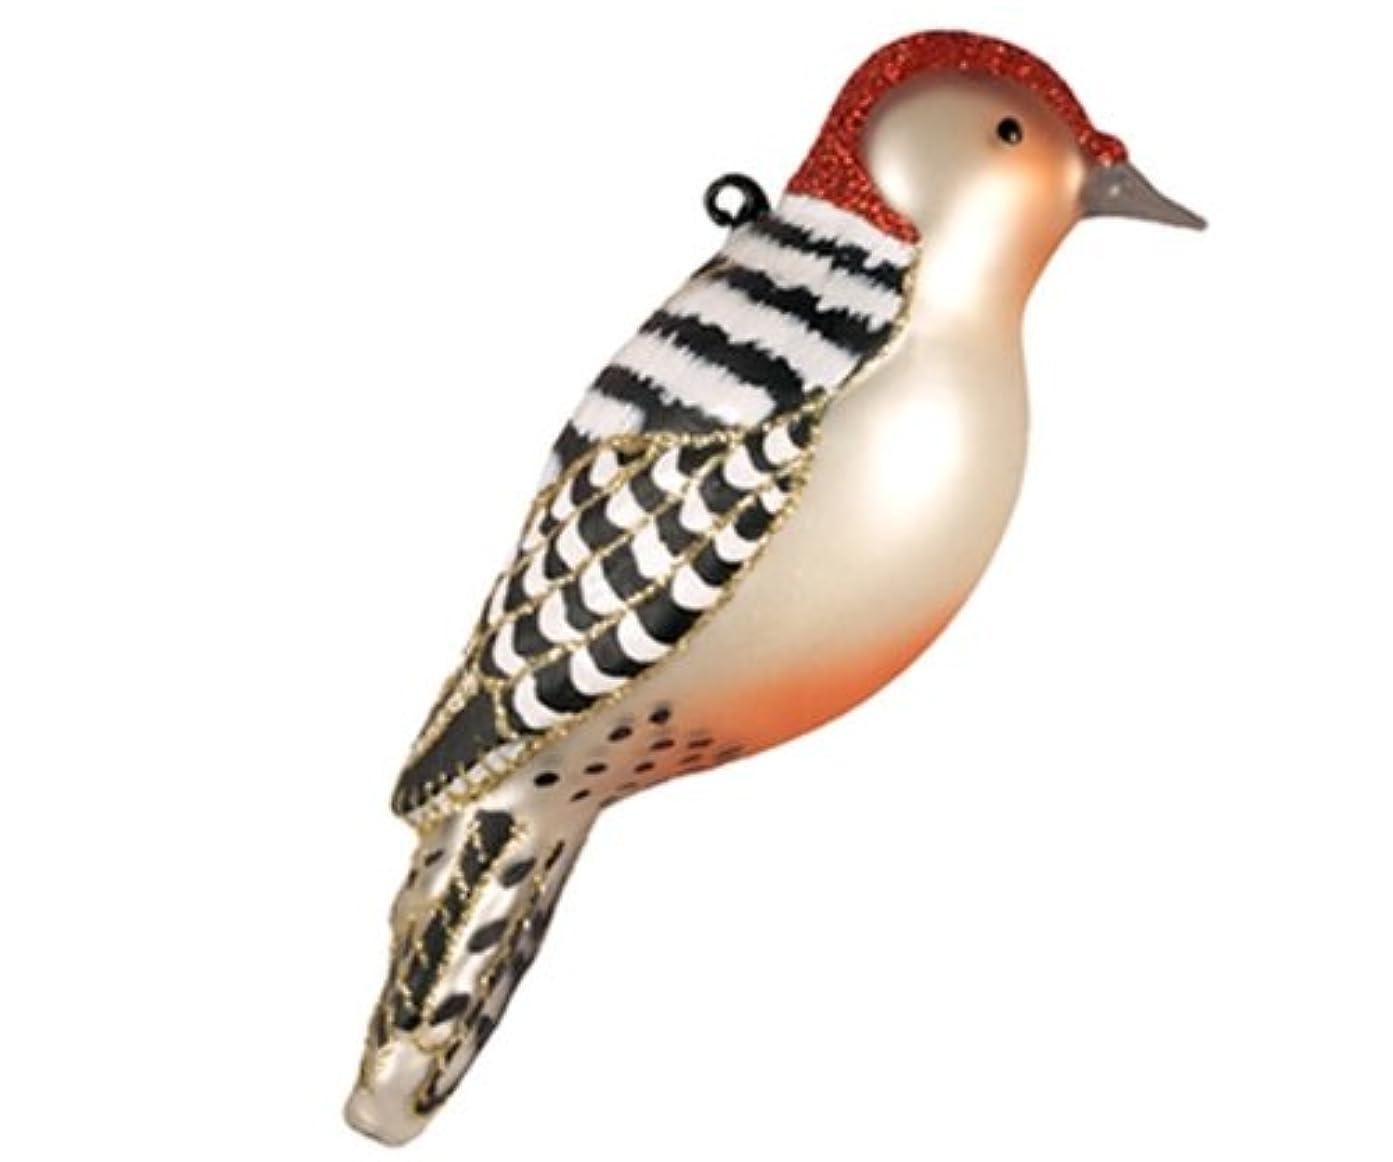 心臓パケット変えるCobane Studio COBANEC391 Red Bellied Woodpecker Ornament